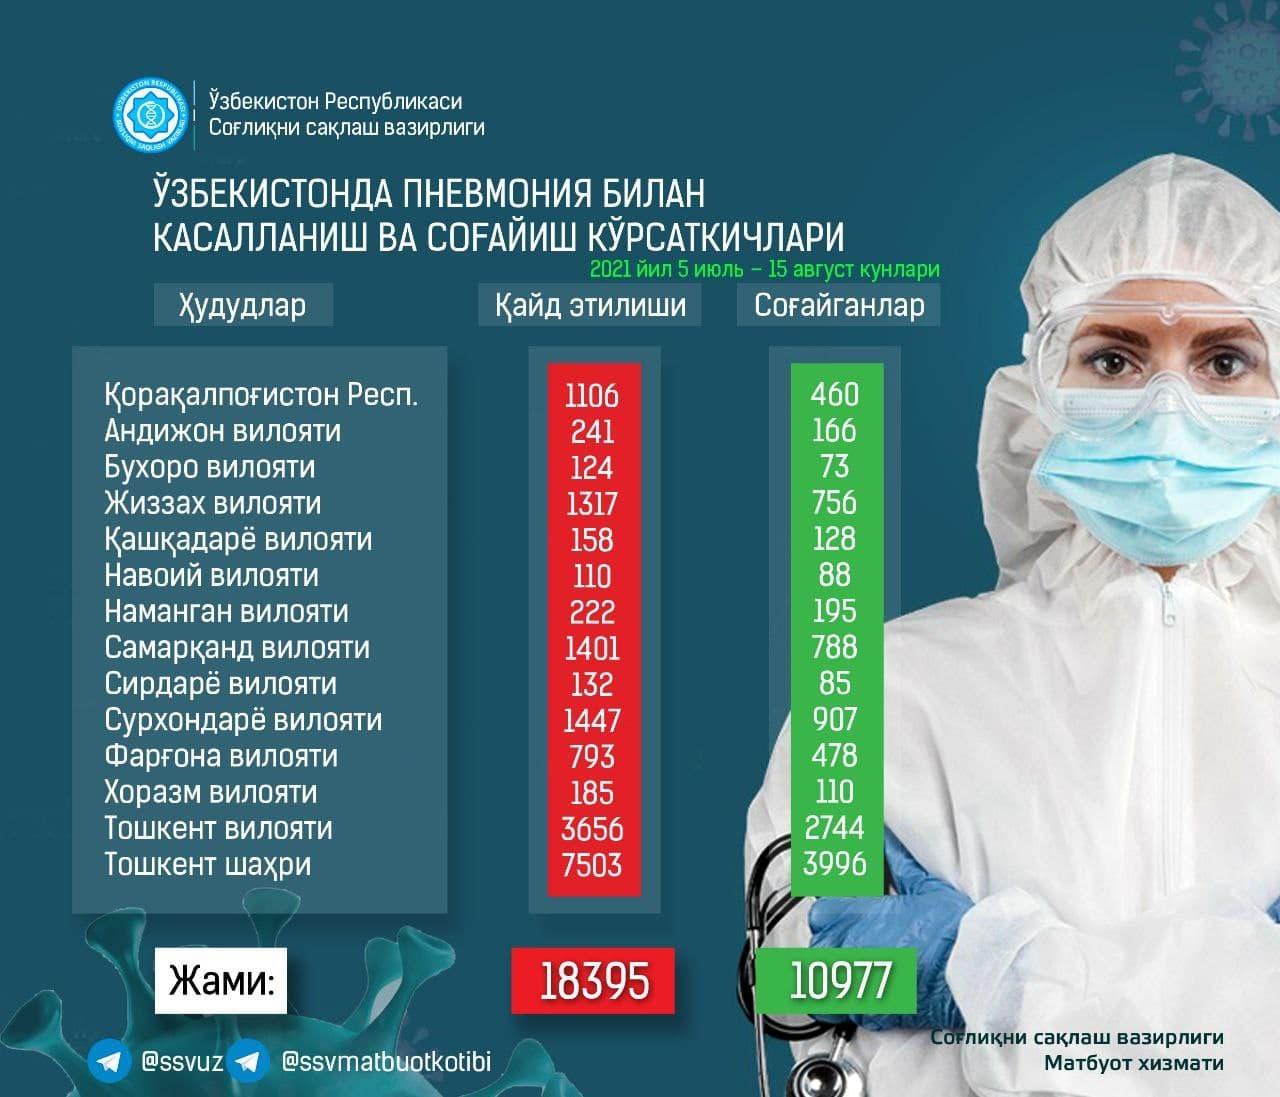 В республике за минувшие сутки выявили более 400 случаев пневмонии